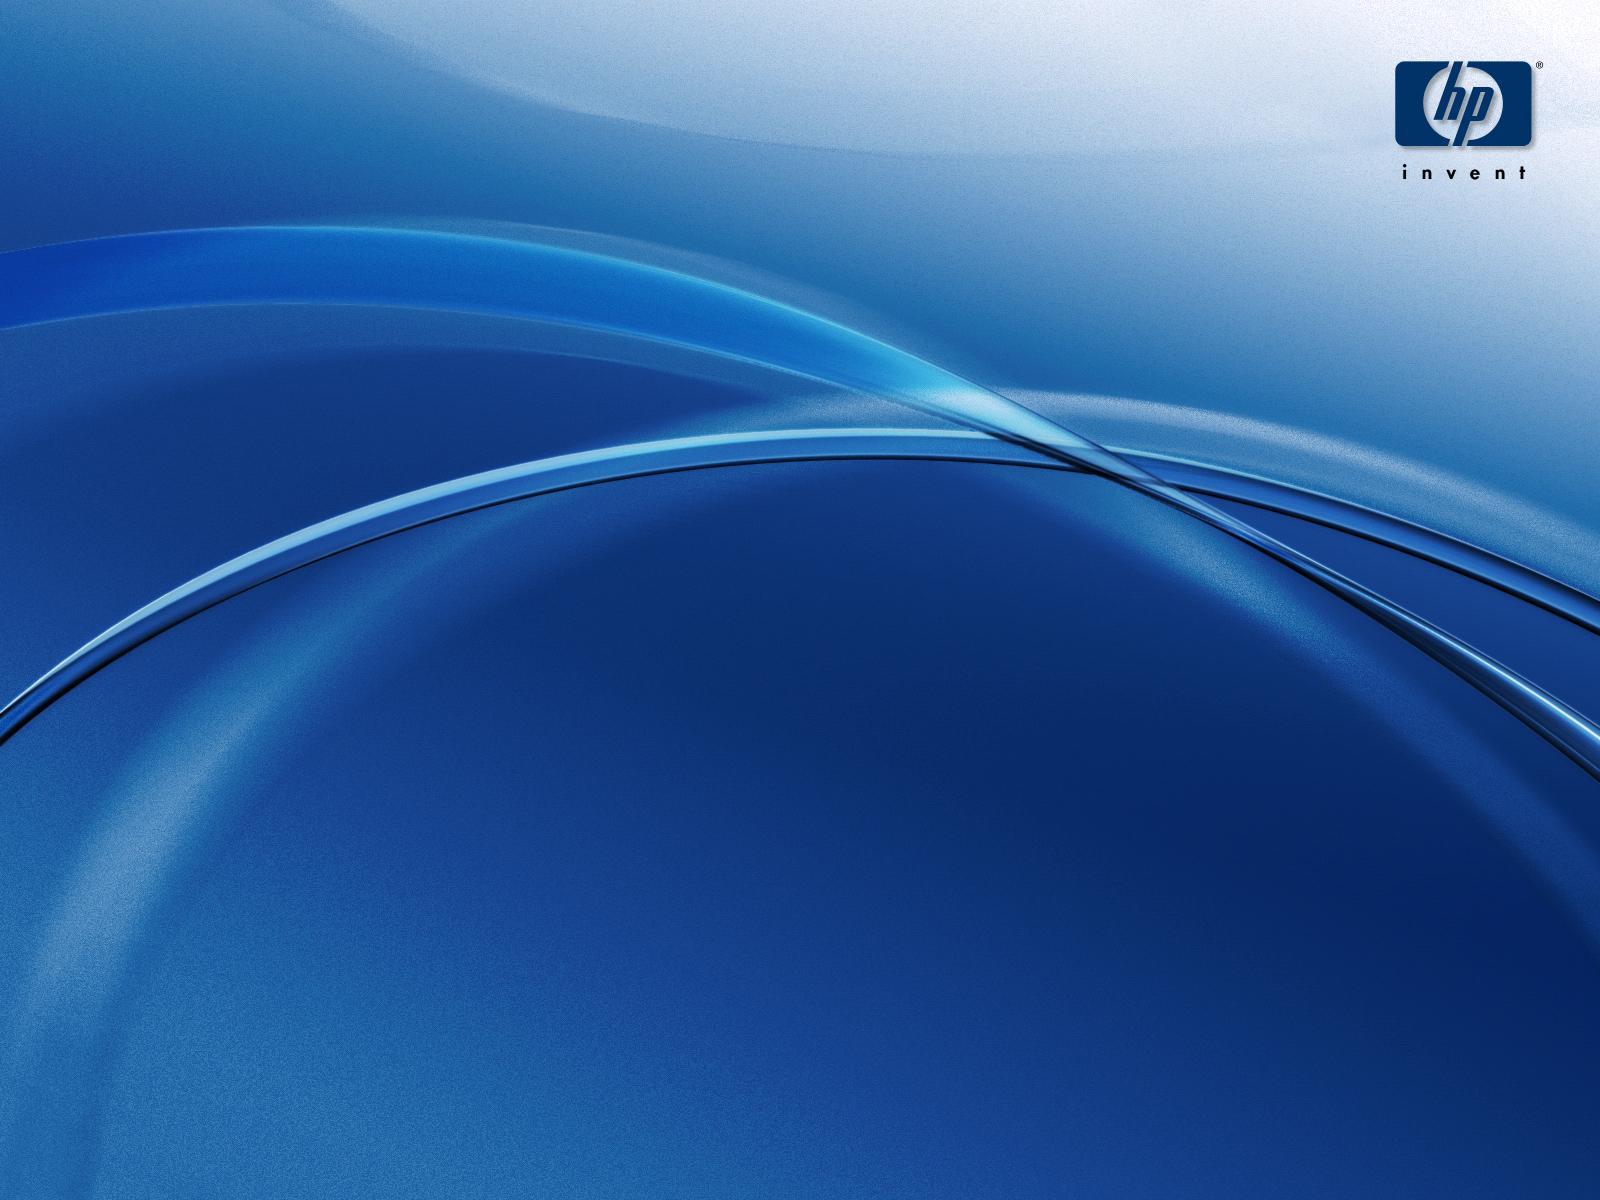 Wallpaper Keren 3d Hp 1280 X 1024 800x600 Download Hd Wallpaper Wallpapertip